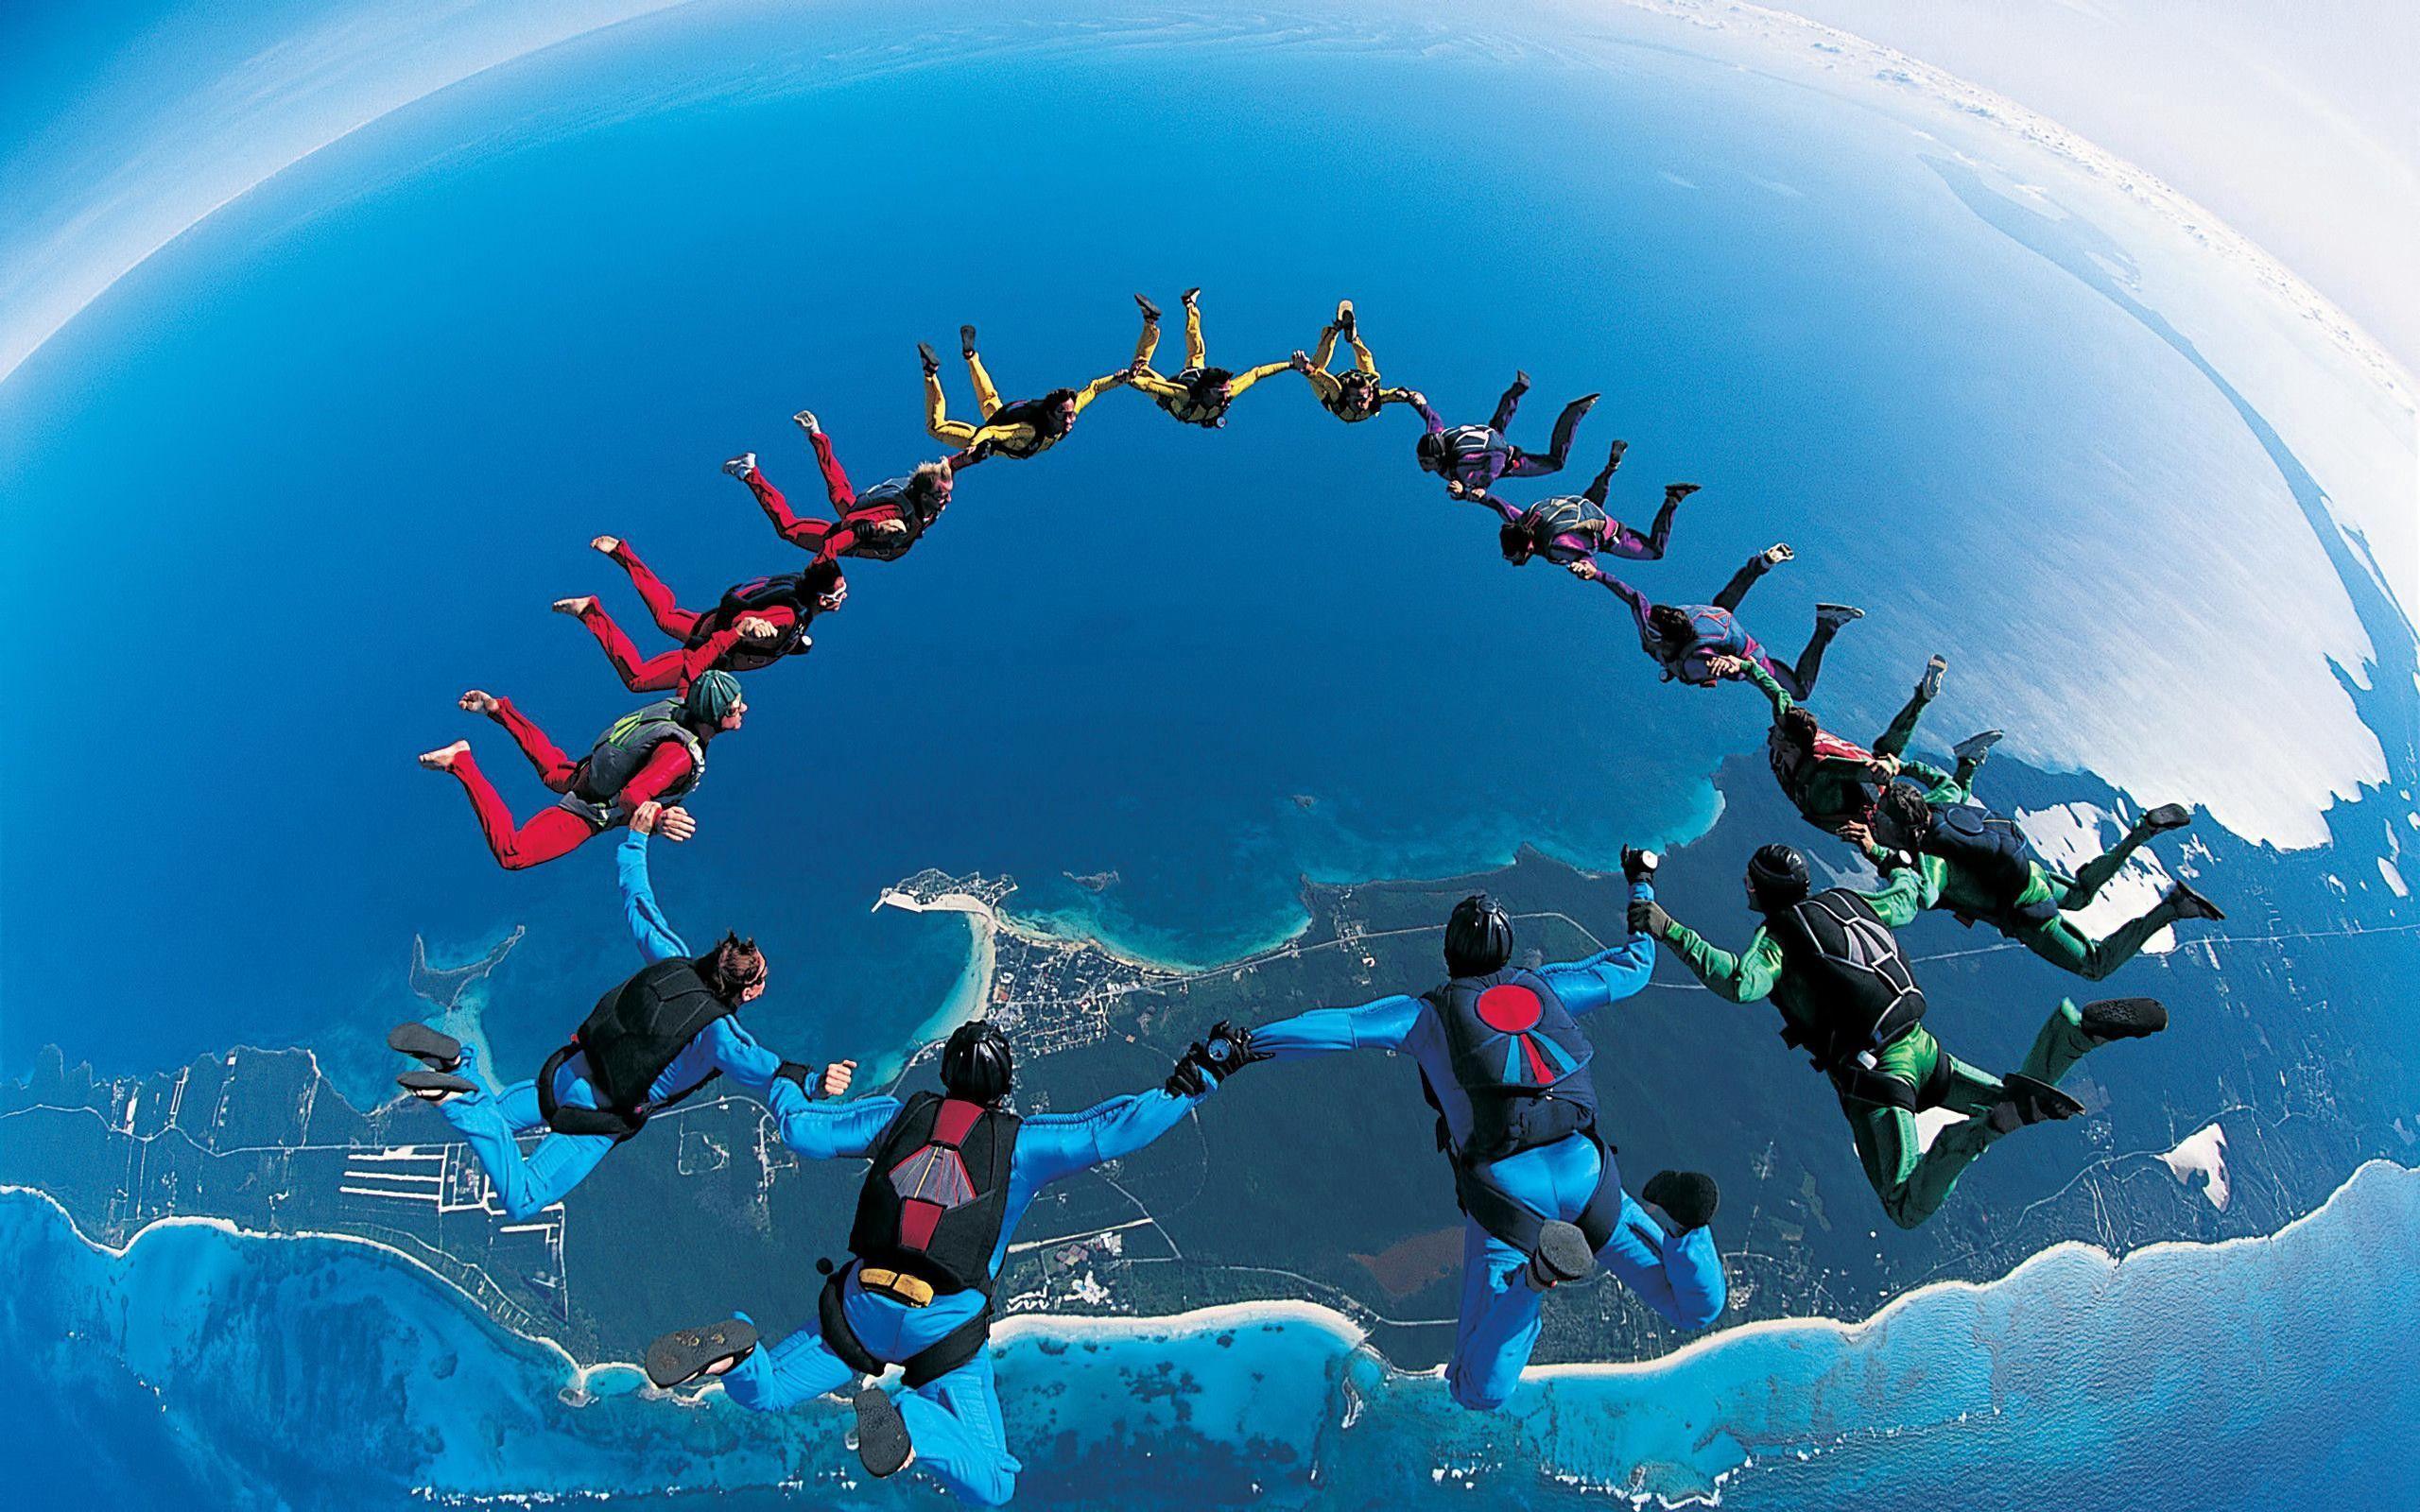 108733 baixar papel de parede Esportes, Lindamente, É Lindo., Paraquedismo, Salto De Paraquedas, De Forma Síncrona, Sincronicamente - protetores de tela e imagens gratuitamente